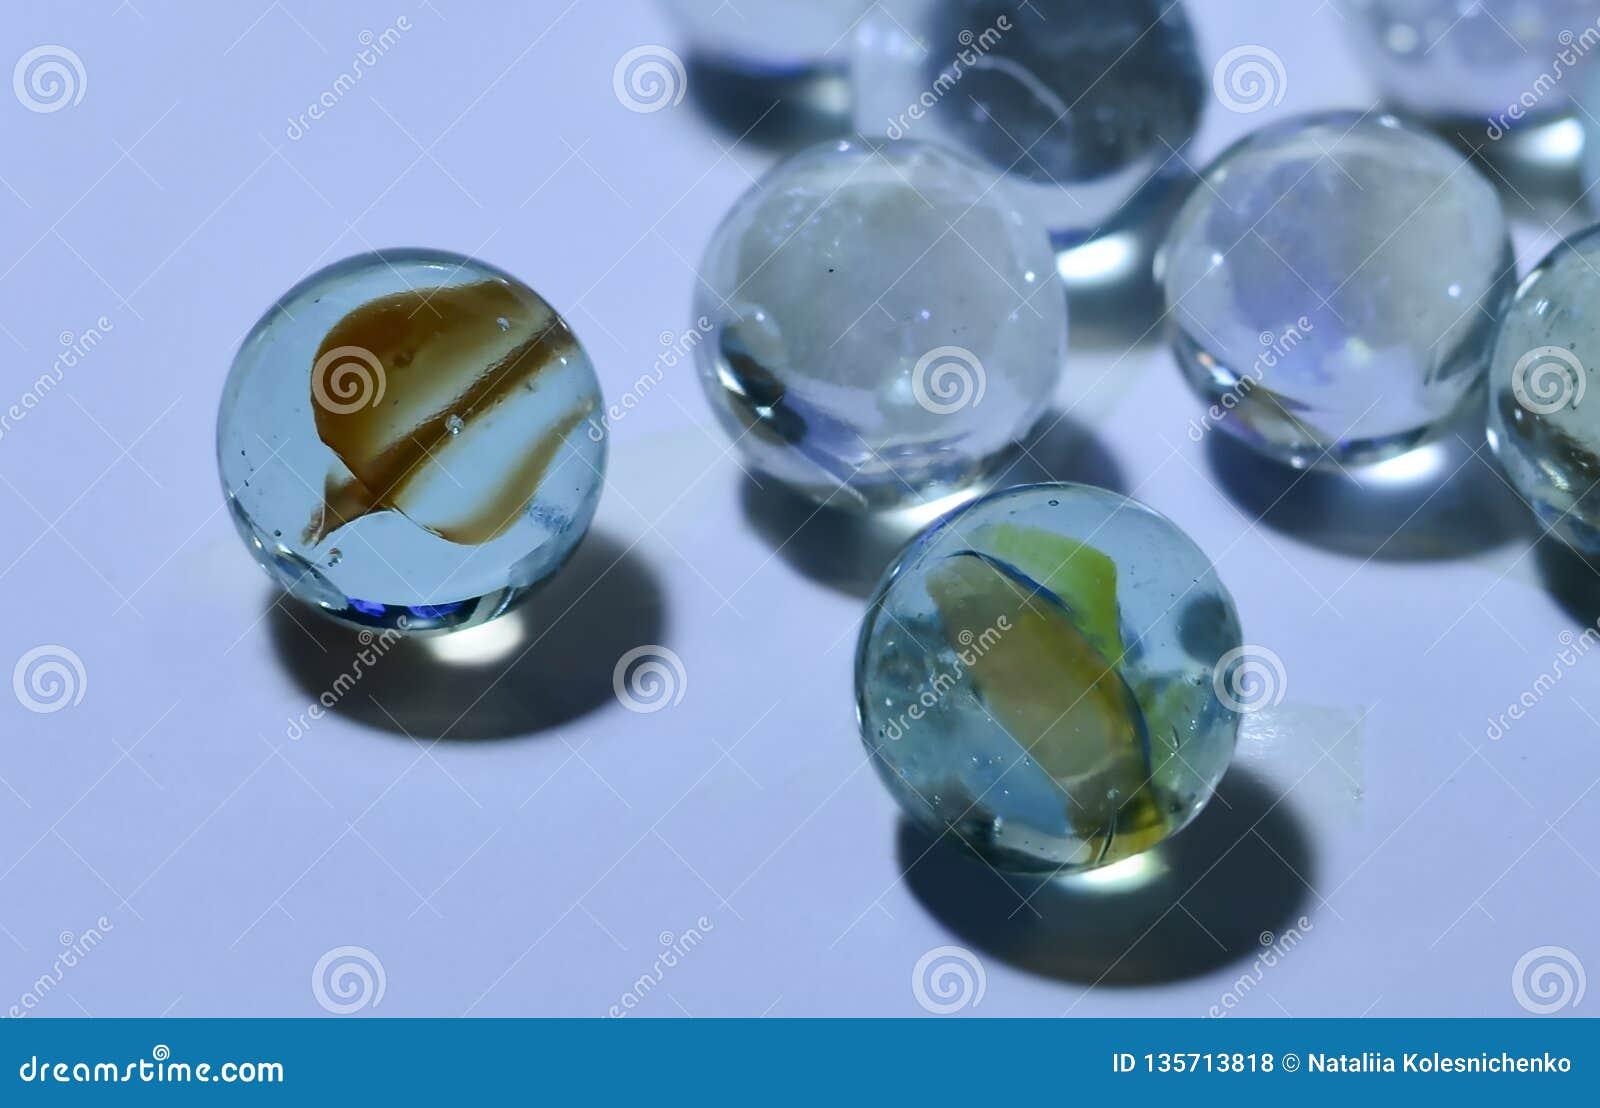 Close-up das bolas transparentes de vidro com as decorações multi-coloridas incomuns para dentro com um fundo borrado macio